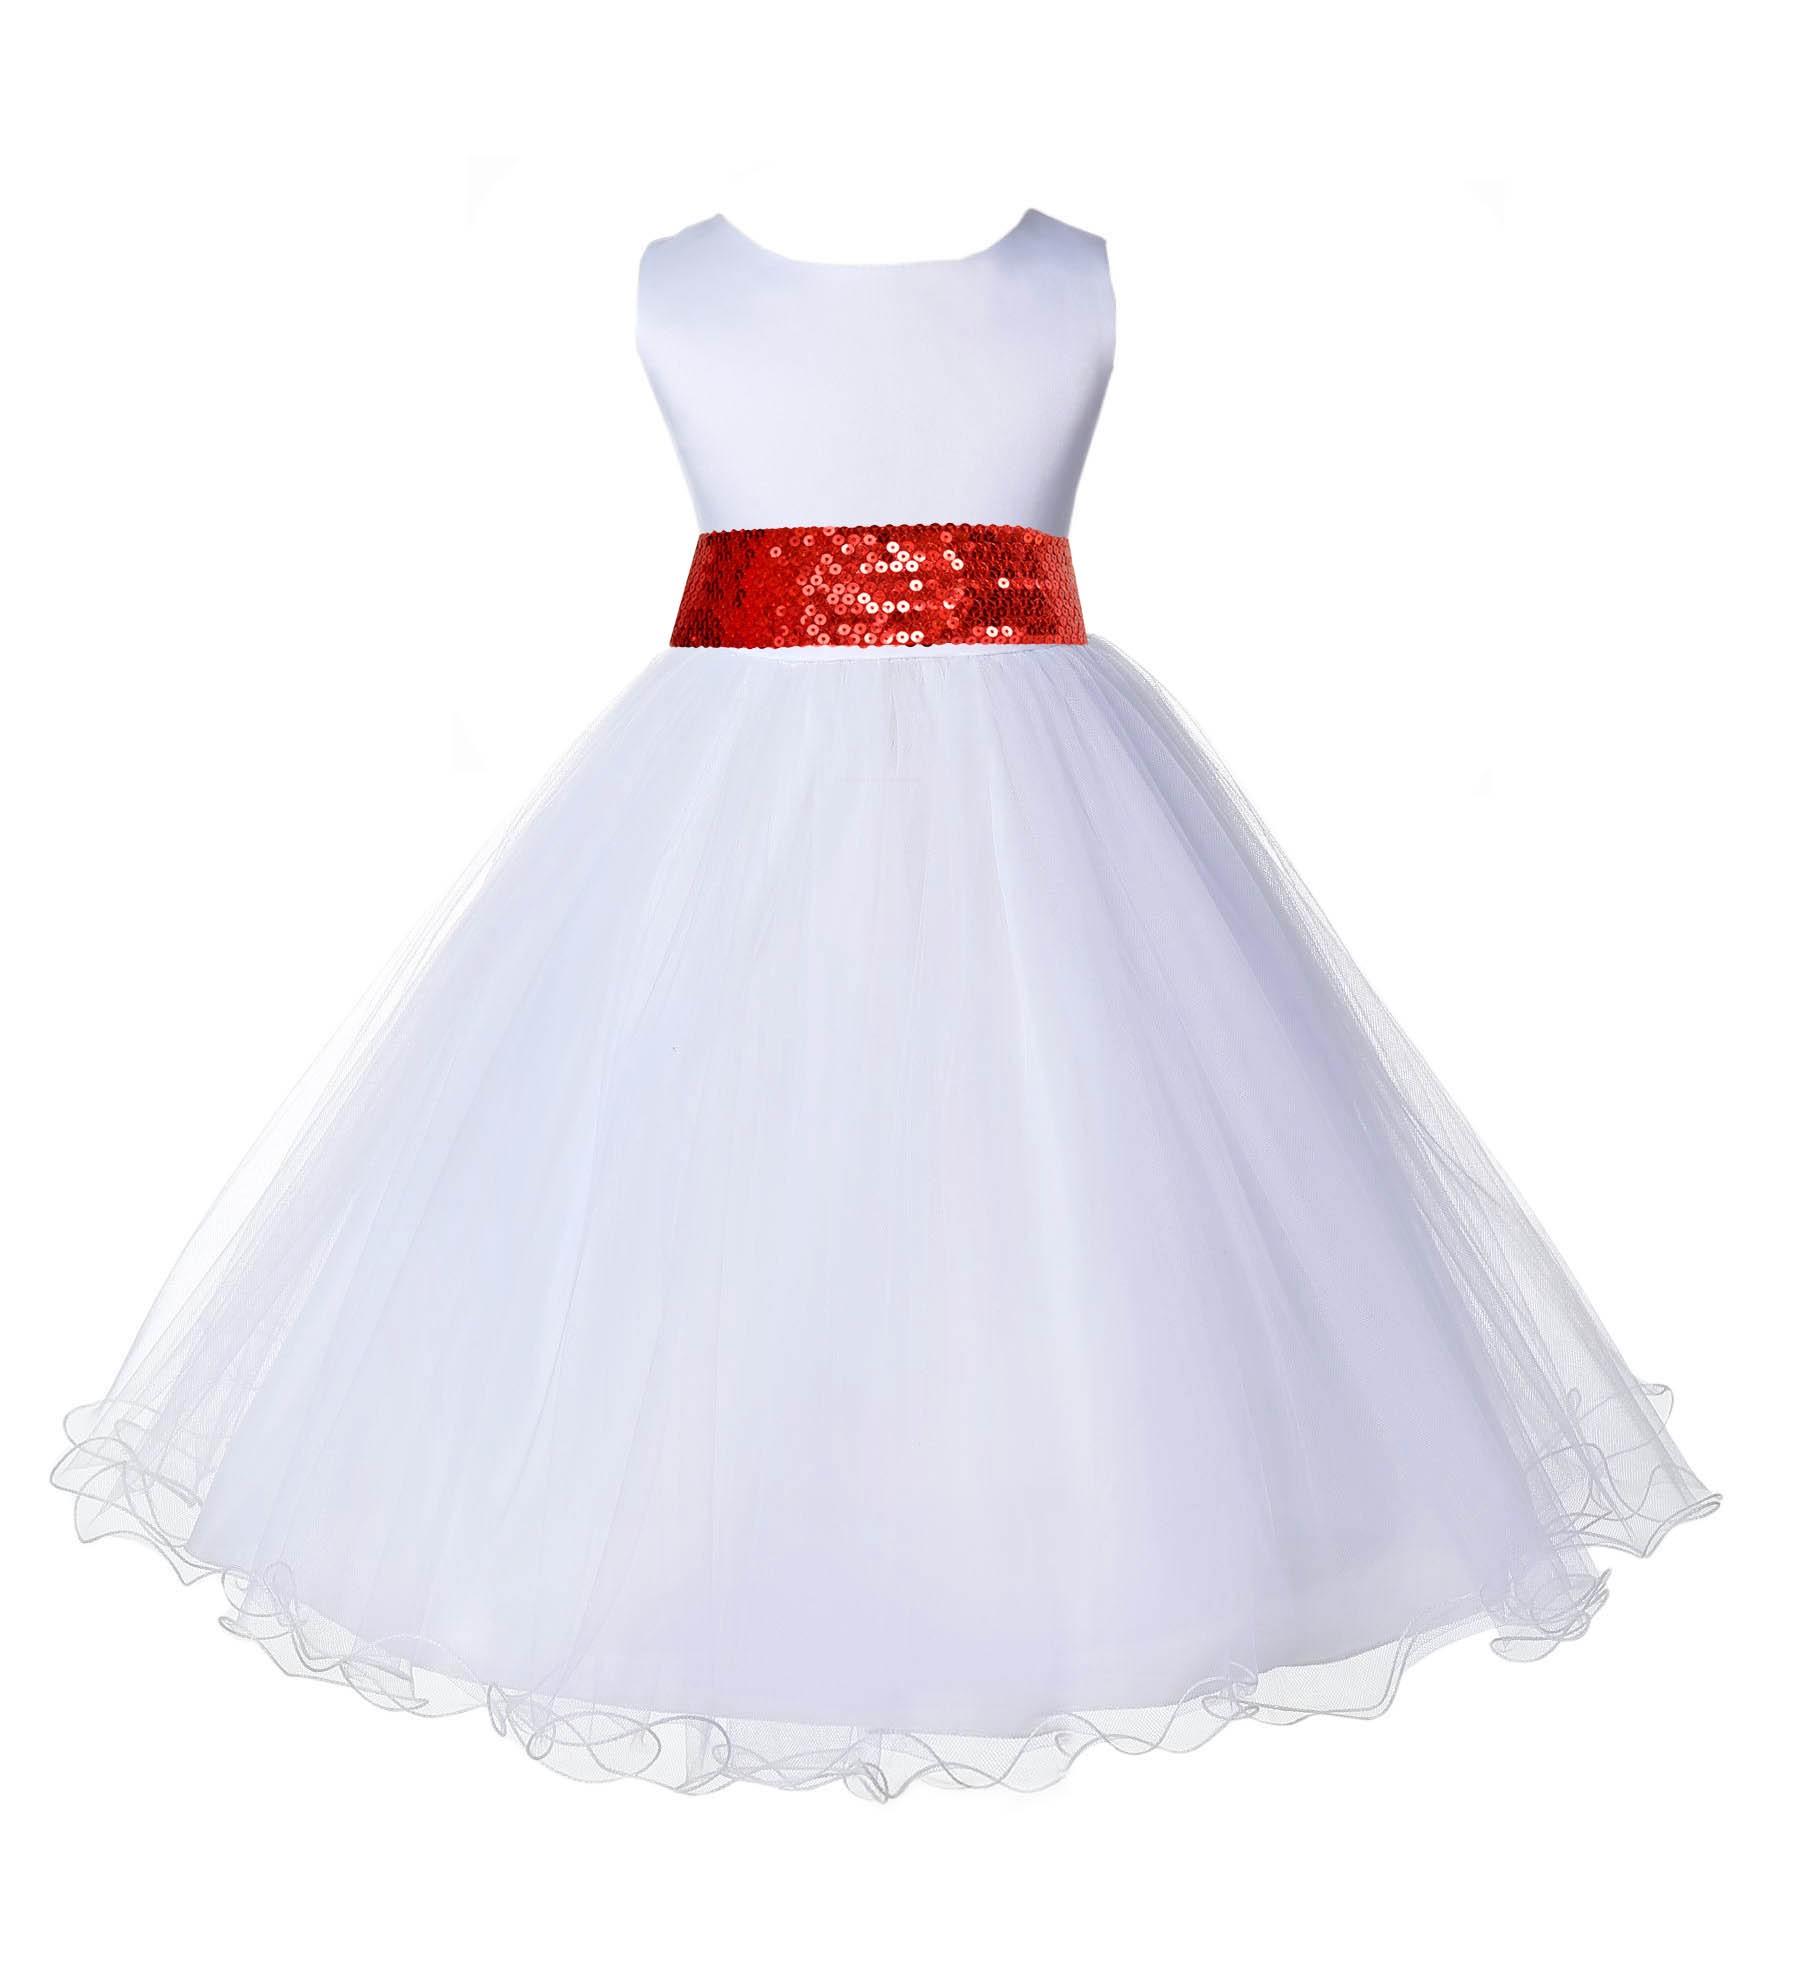 White Tulle Rattail Edge Red Sequin Sash Flower Girl Dress 829mh